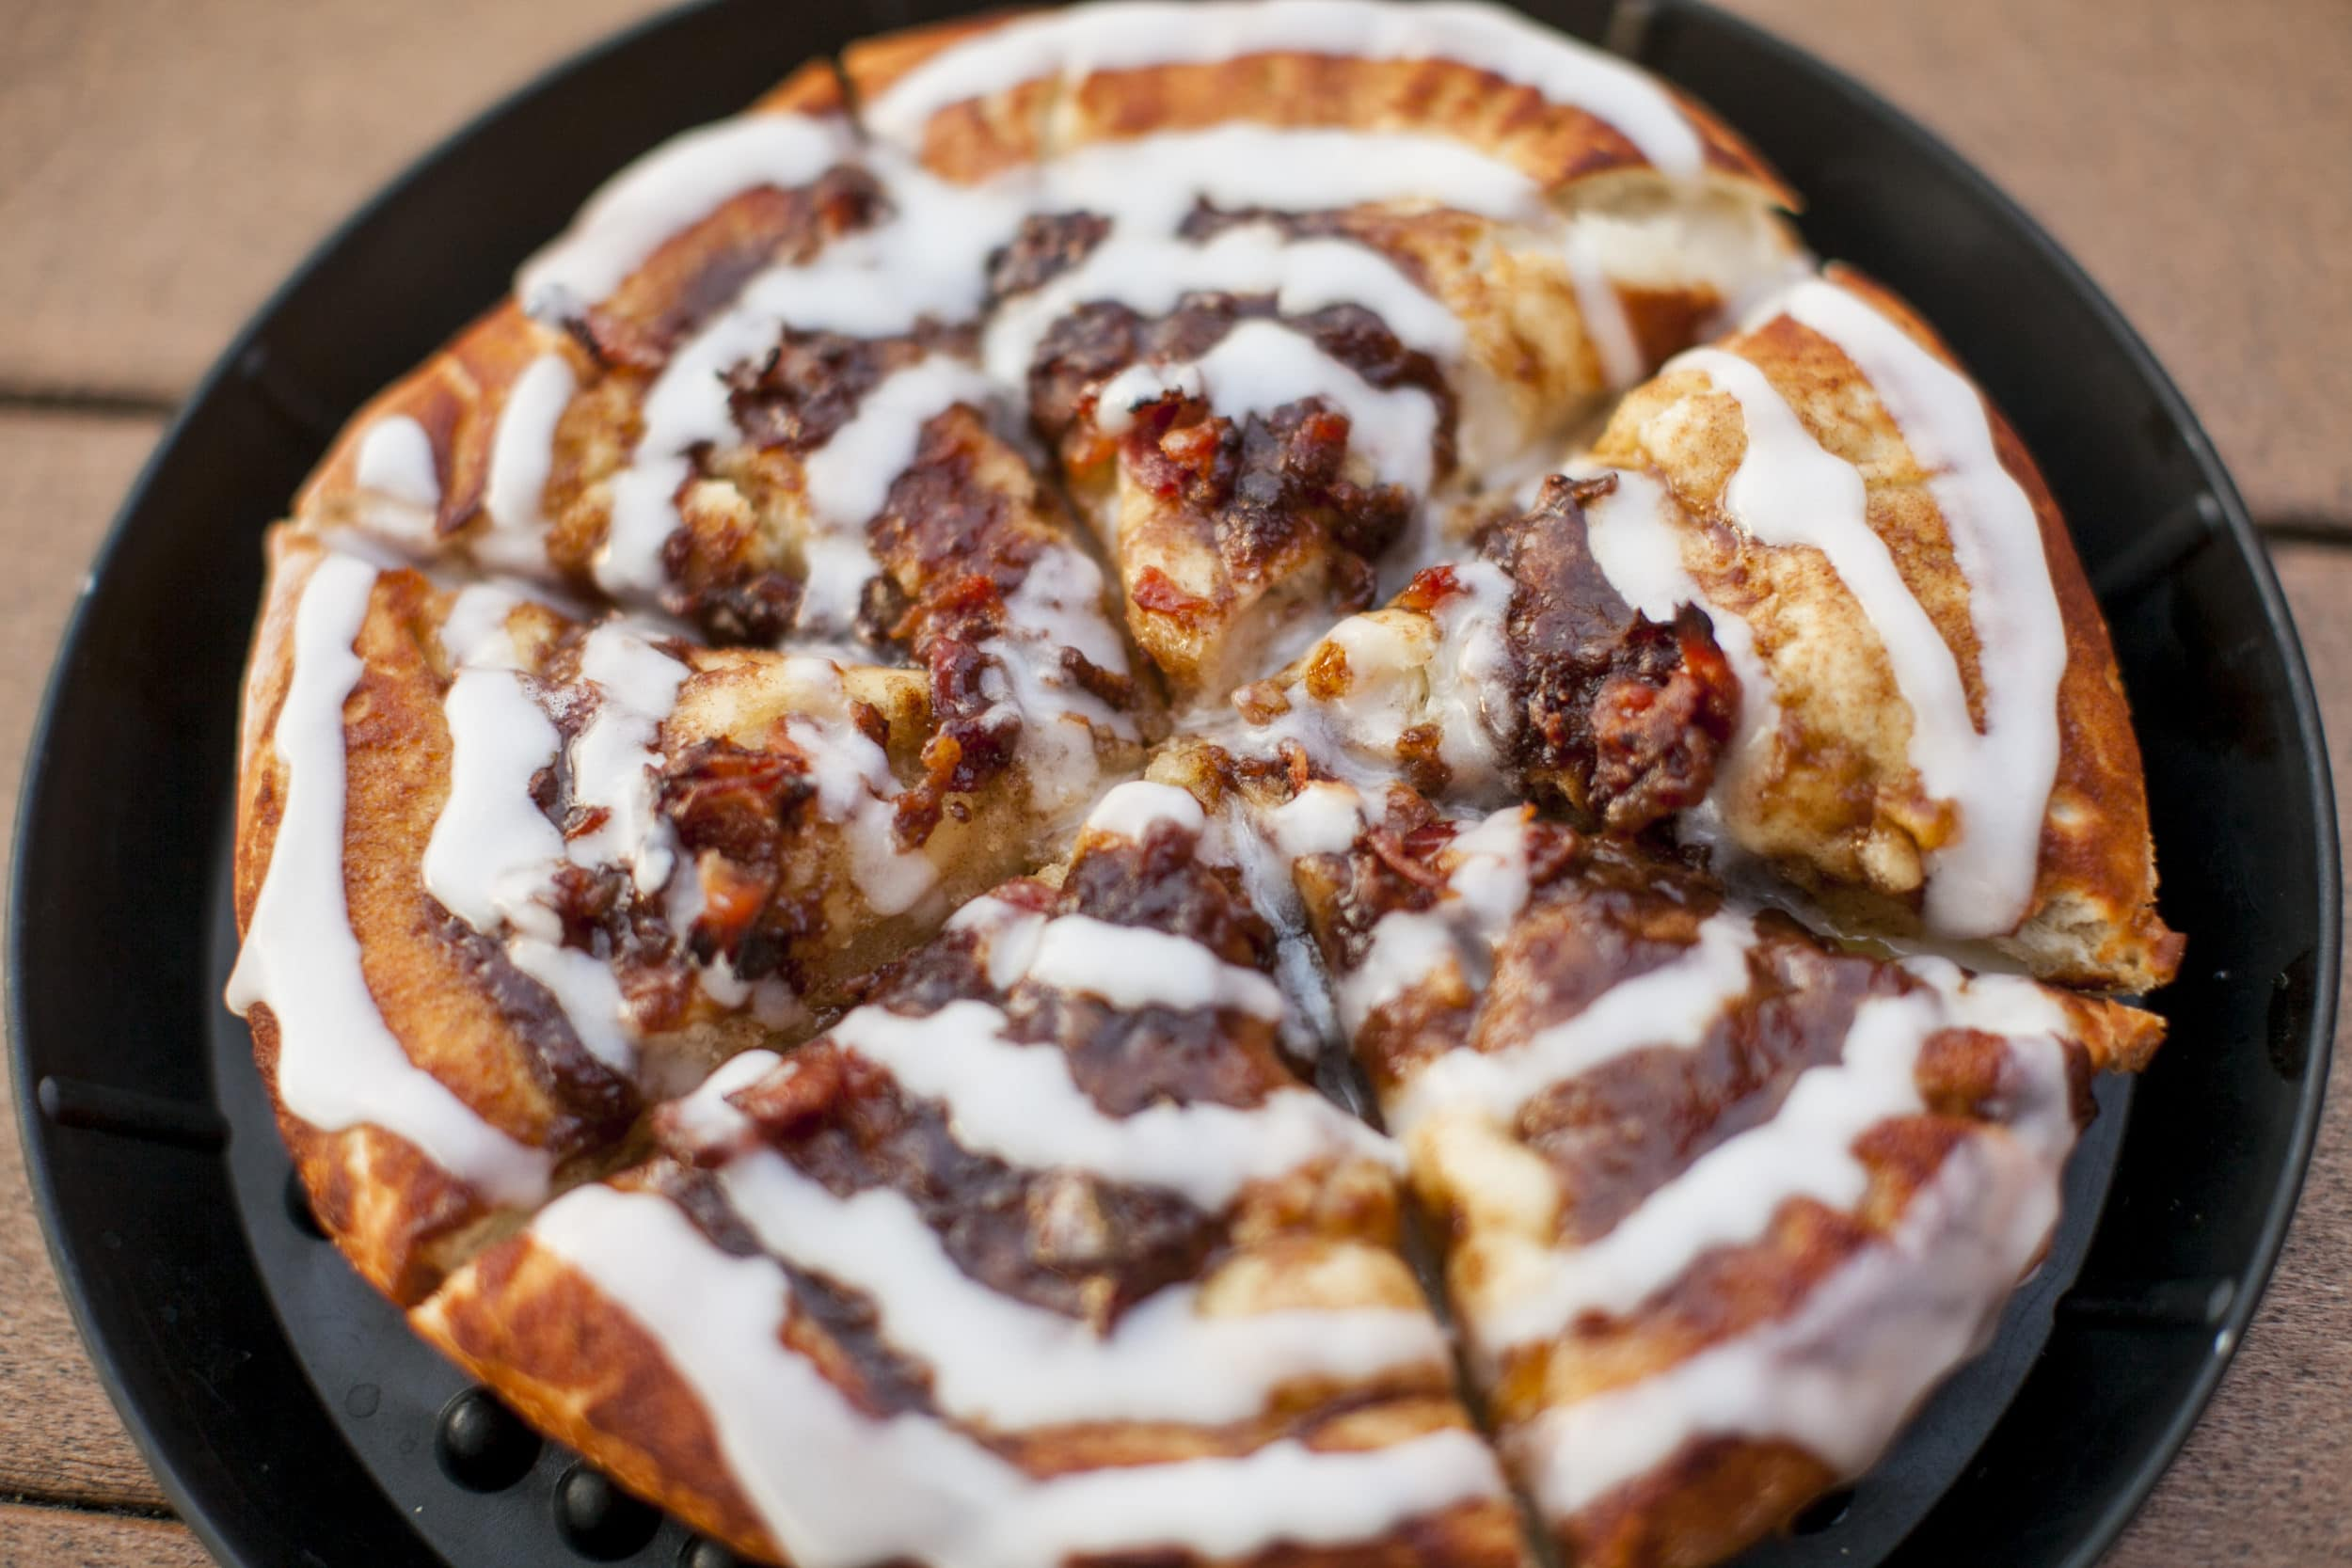 Pacific Beach Restaurants: Woodstock's Pizza Cinnabread